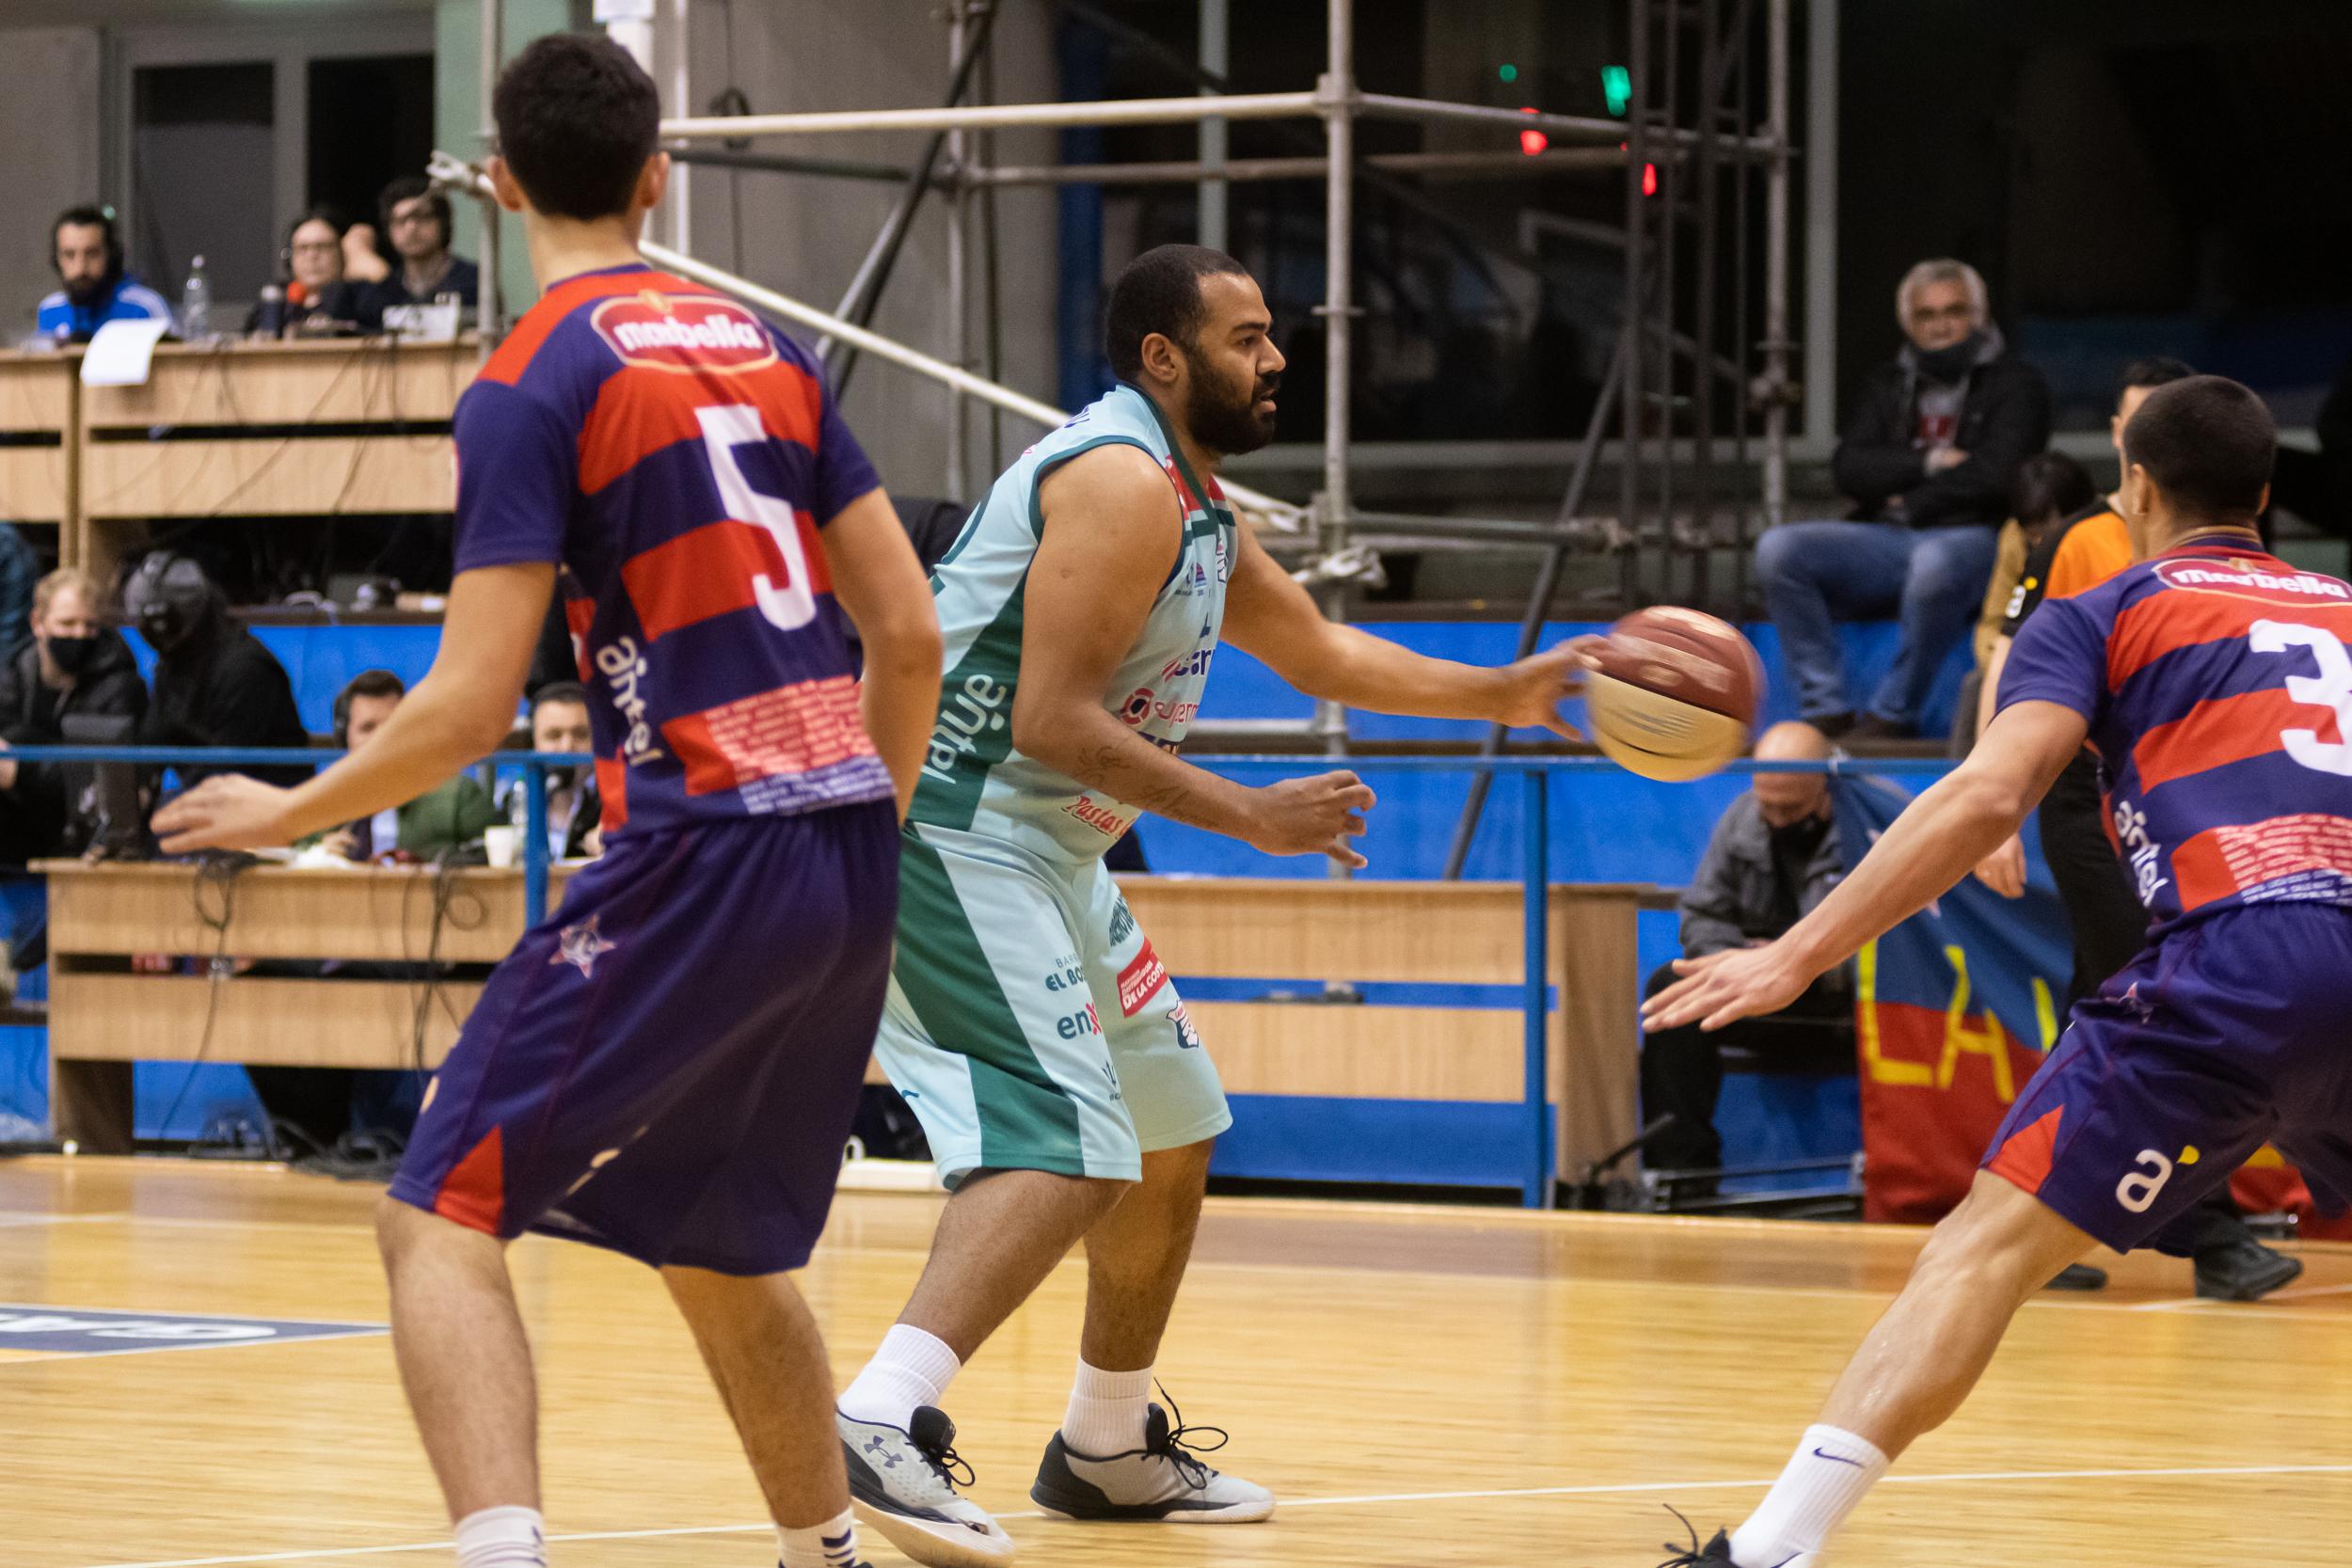 Lagomar Unión Atlética